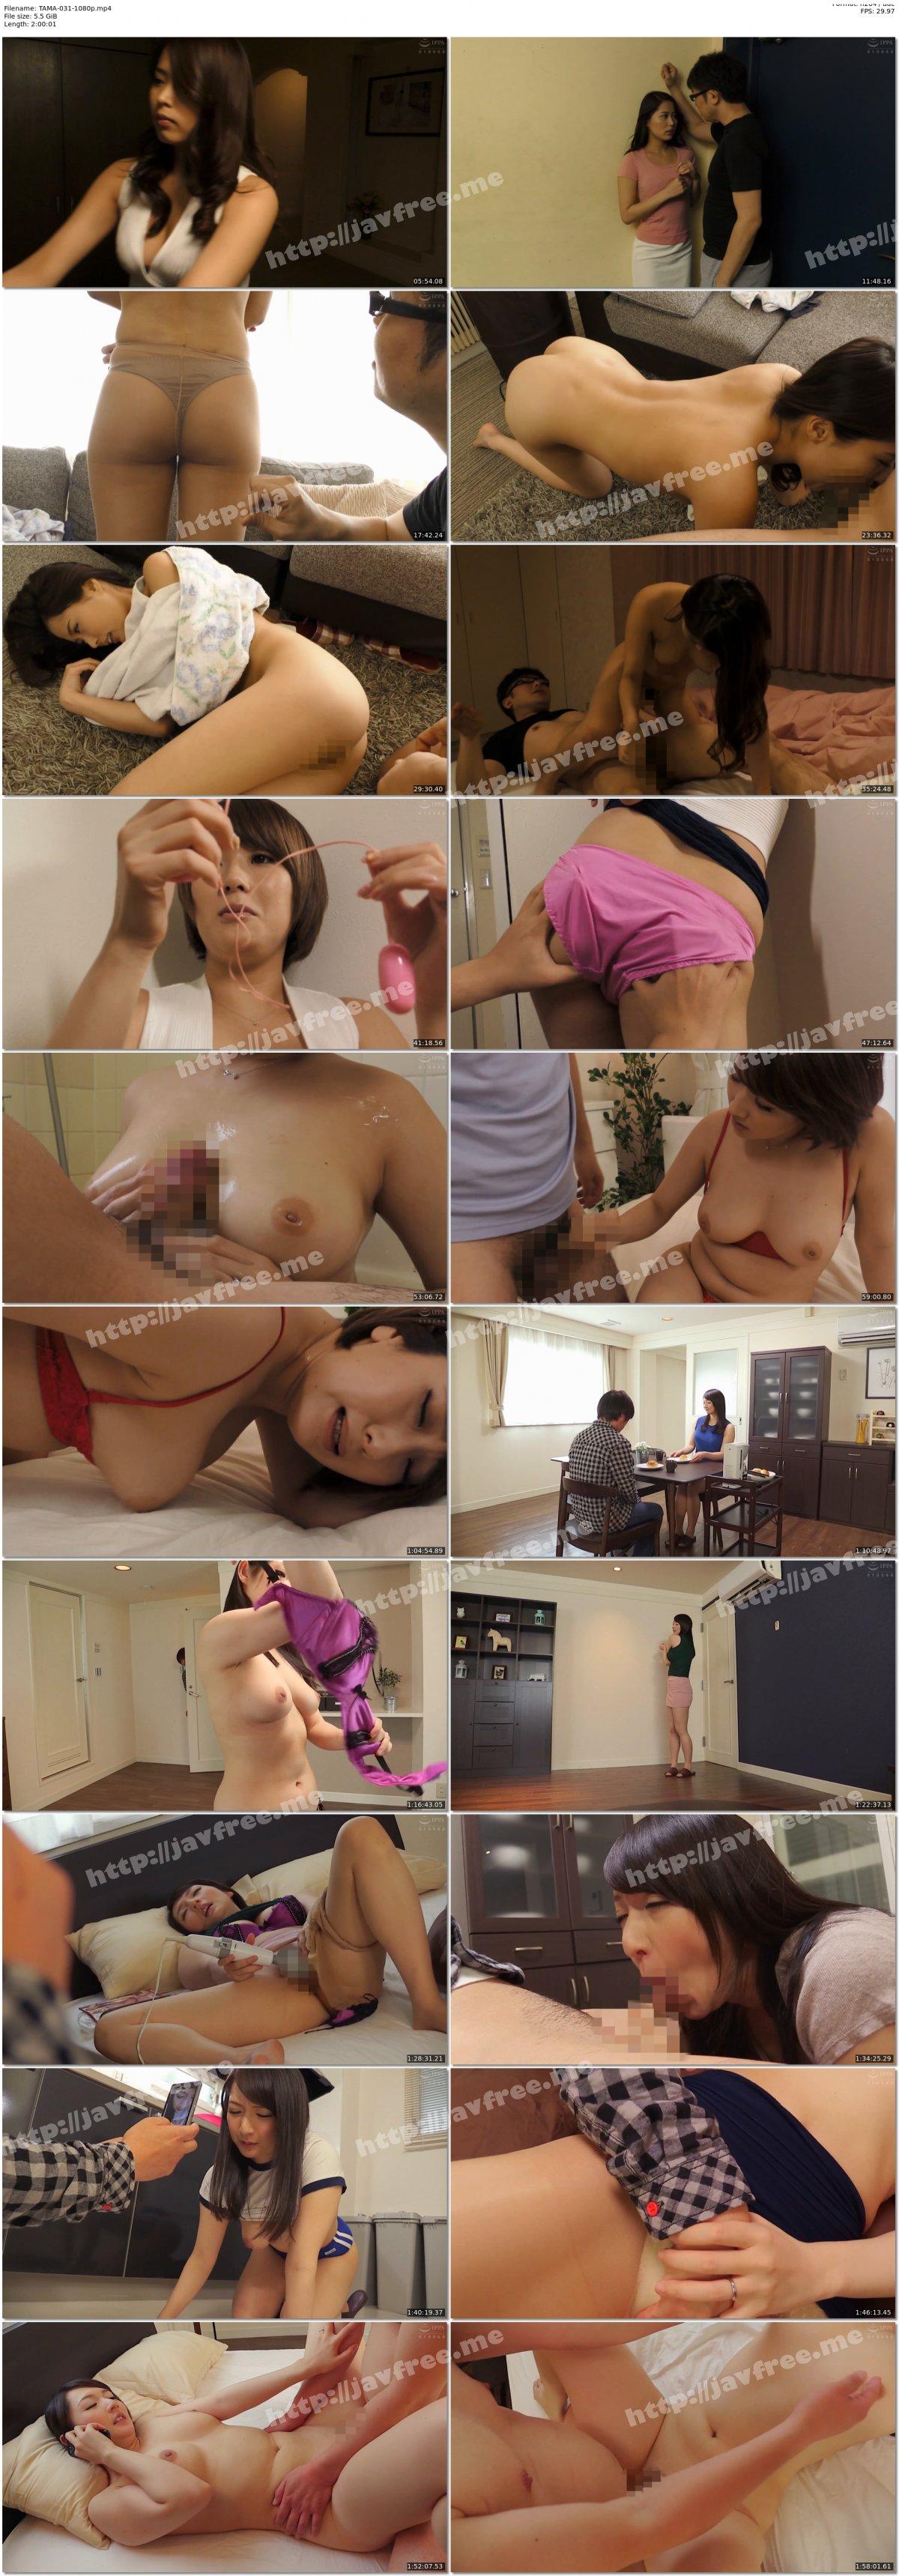 [HD][TAMA-031] NTR夫は知らない 美人妻が他人男に寝取られるSEX集 - image TAMA-031-1080p on https://javfree.me